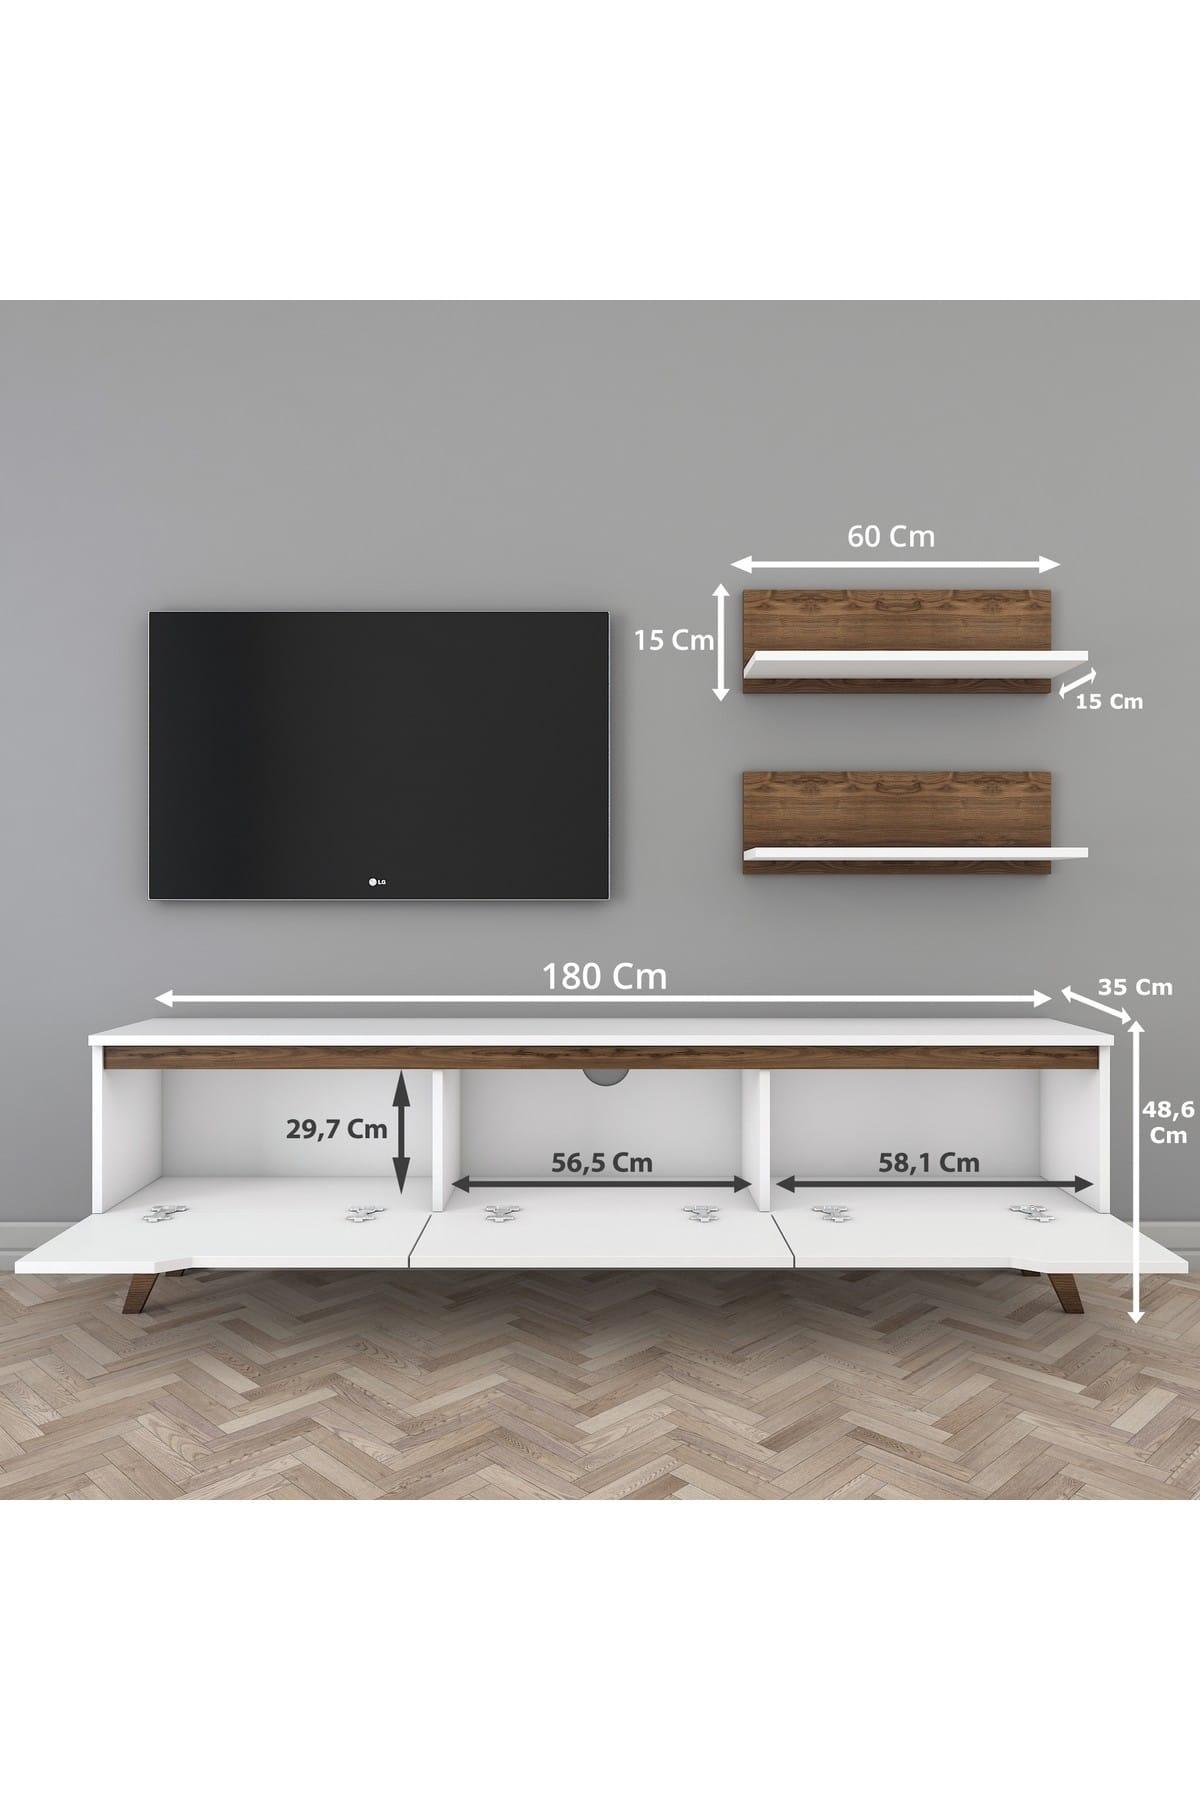 Rani Mobilya Rani D1 Duvar Raflı Kitaplıklı Tv Ünitesi Ahşap Ayaklı Tv Sehpası Beyaz Ceviz M48 2